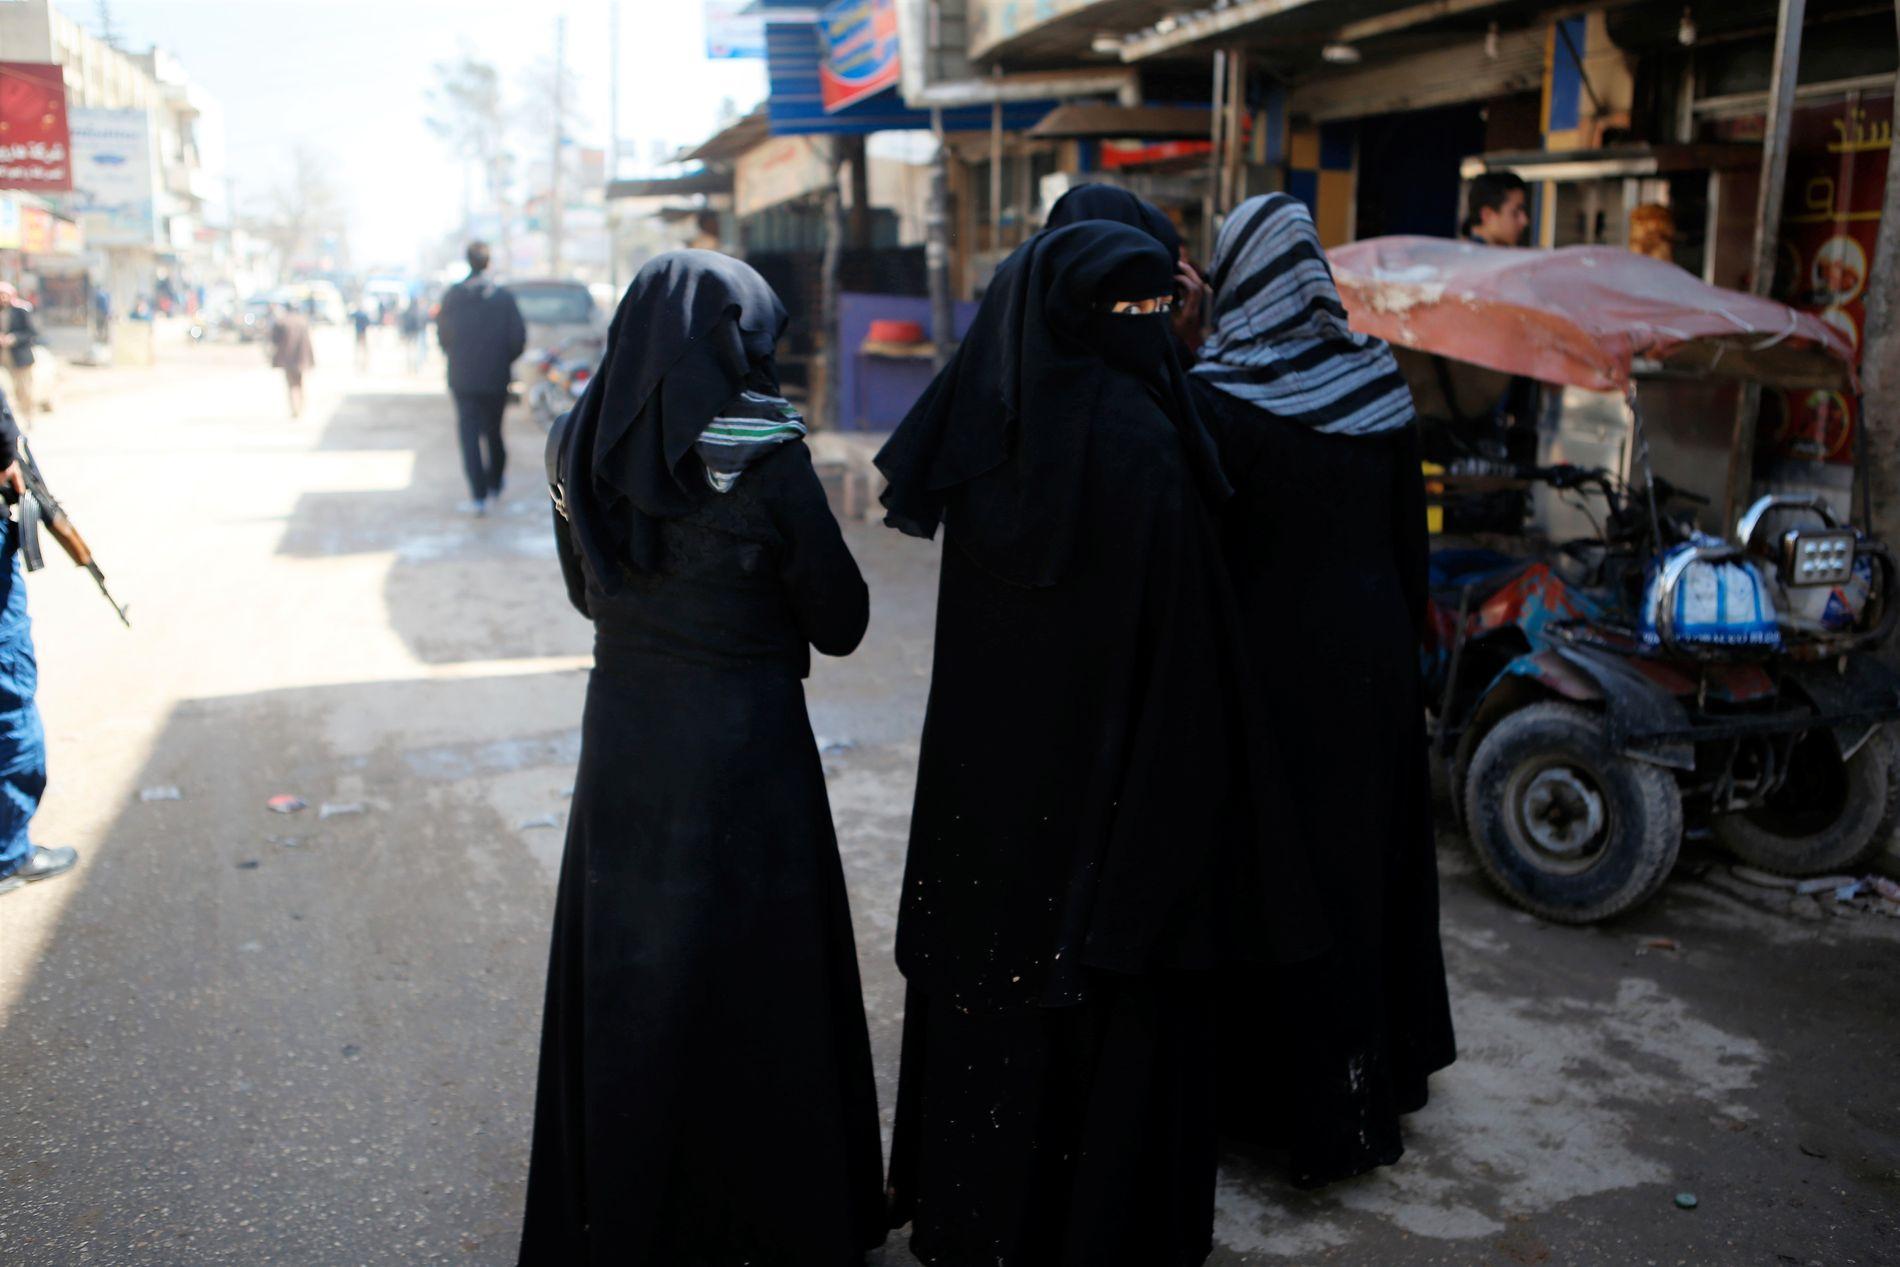 VAR UNDER IS-KONTROLL: VG blir vist byen Azaz, som Tyrkia erobret fra IS under sin første militæroffensiv mot Syria i august 2016. De fleste kvinnene går fortsatt fullstendig tildekket.